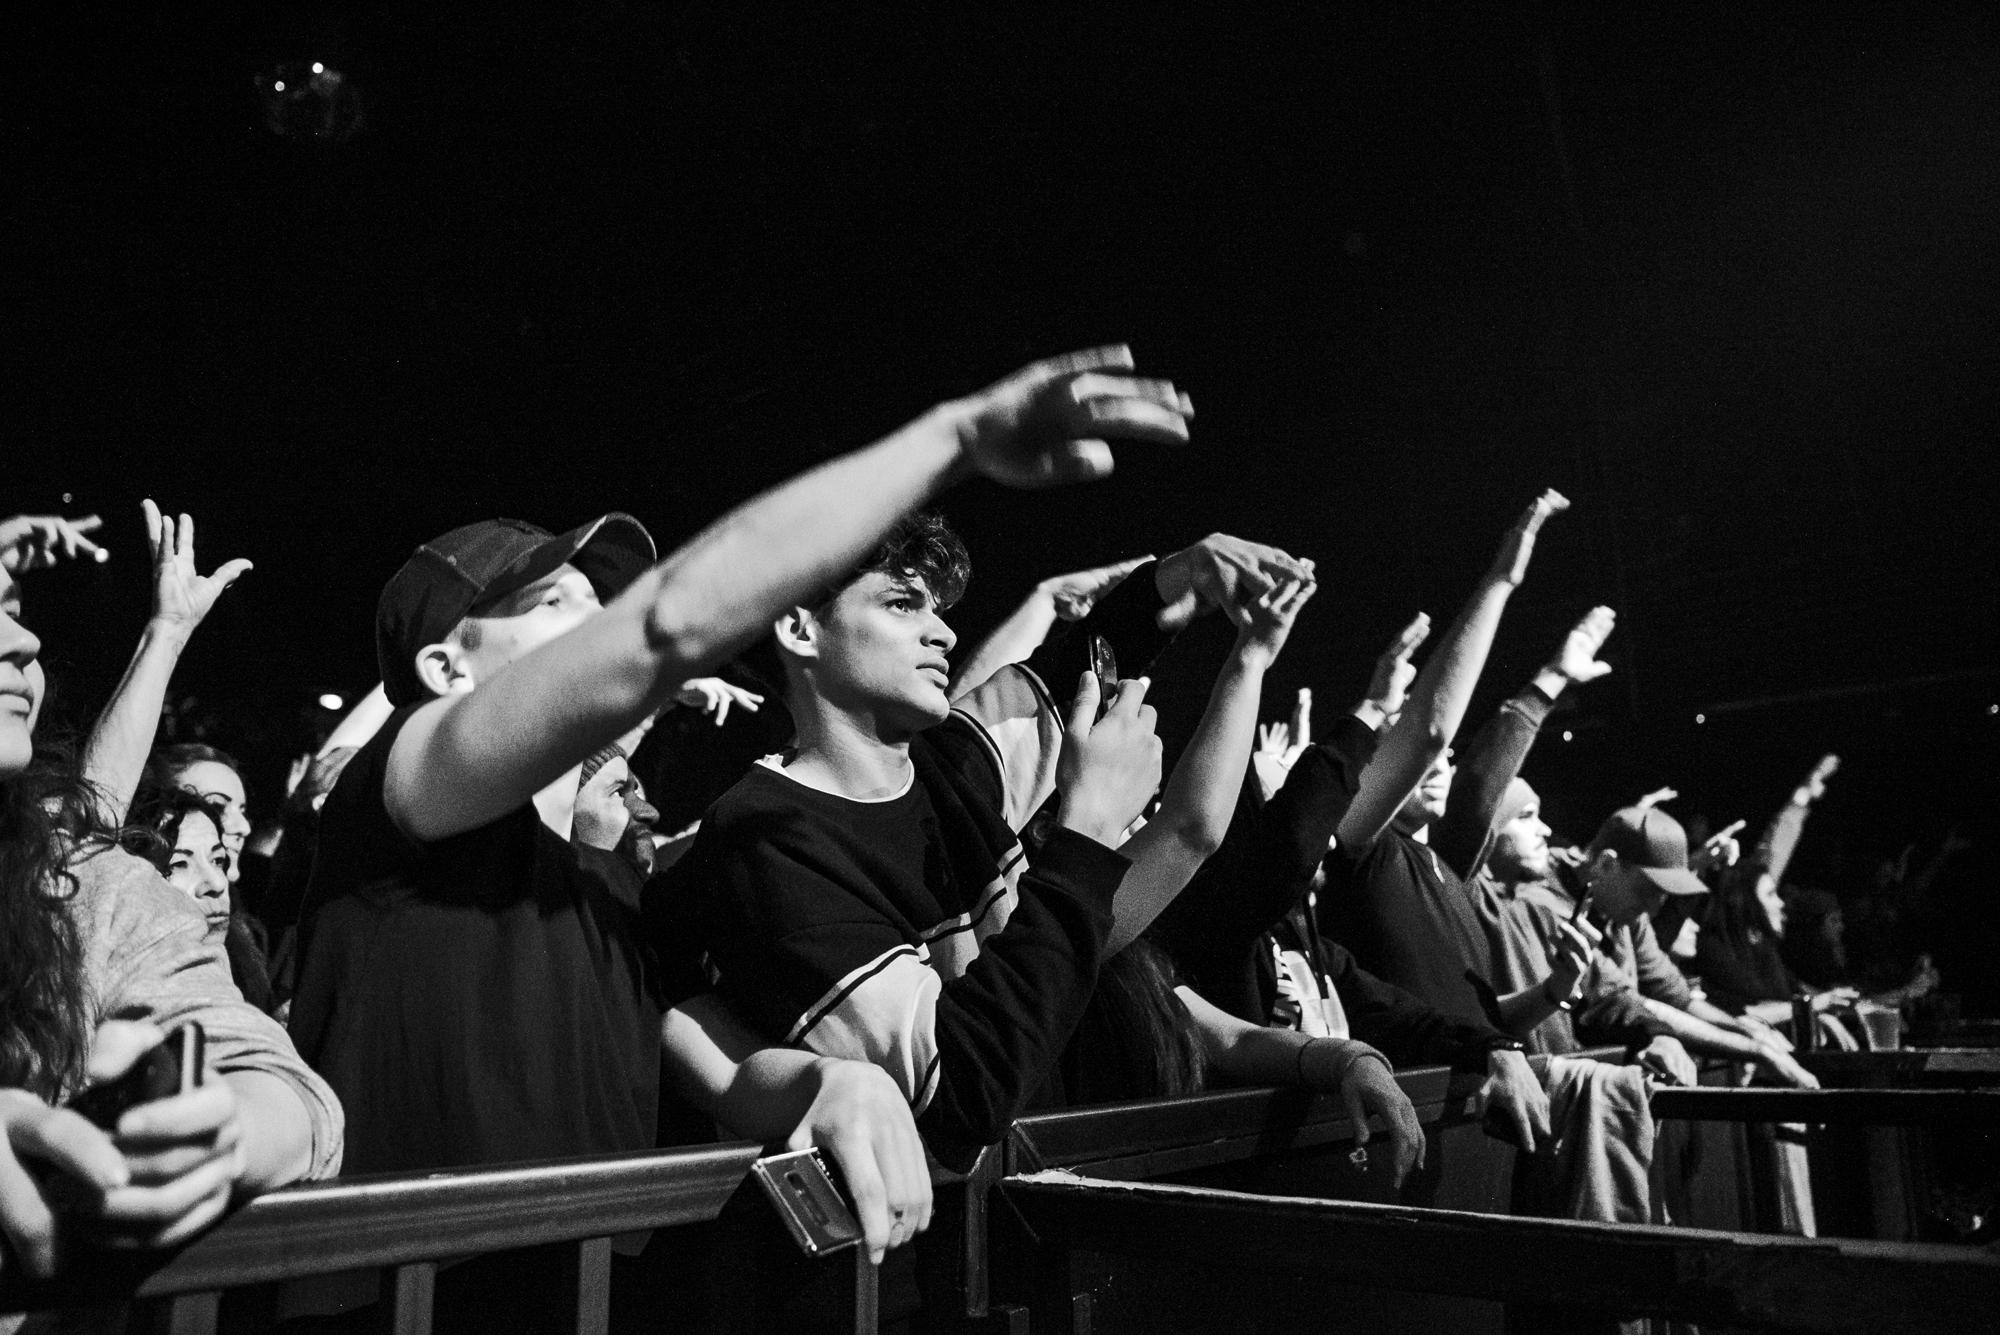 Das Publikum am ausverkauften Cypress Hill Konzert